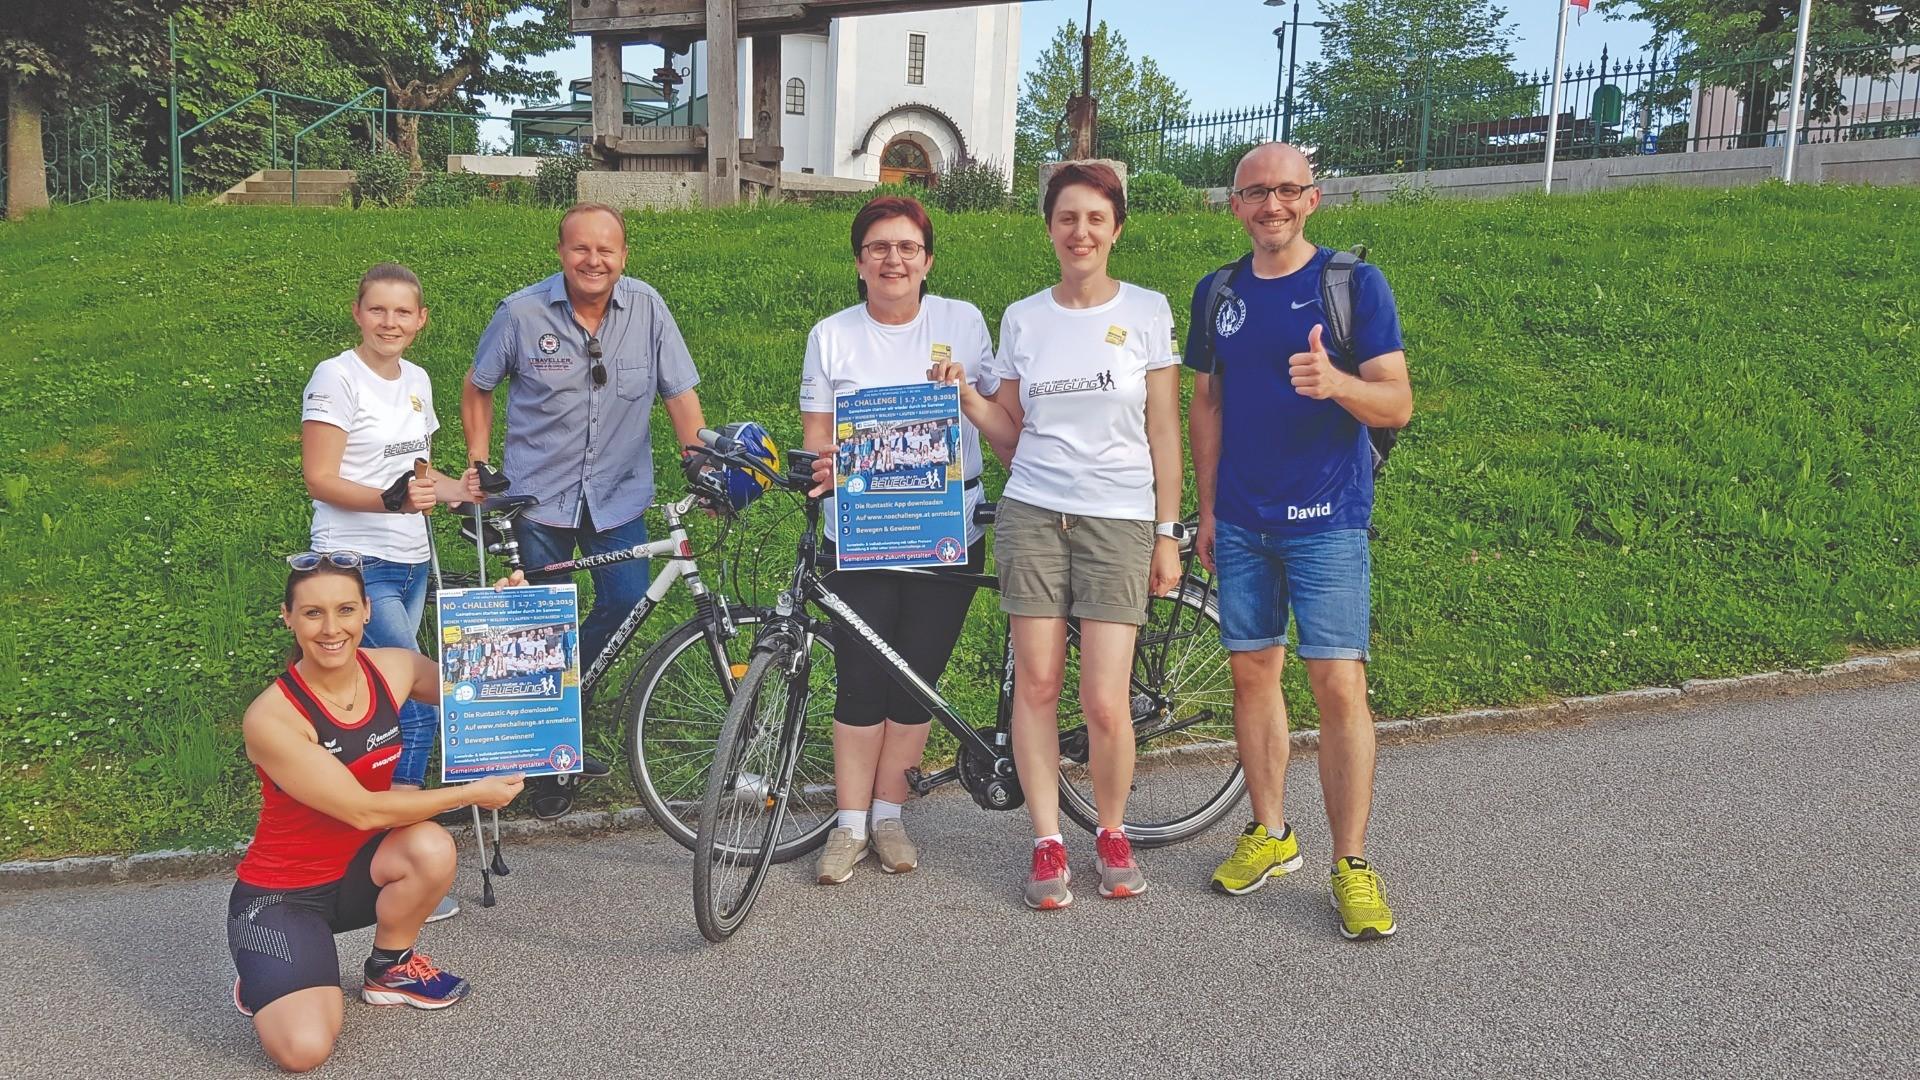 Foto - NÖ Challenge - Gemeindezeitung - 01 - Quer.jpg